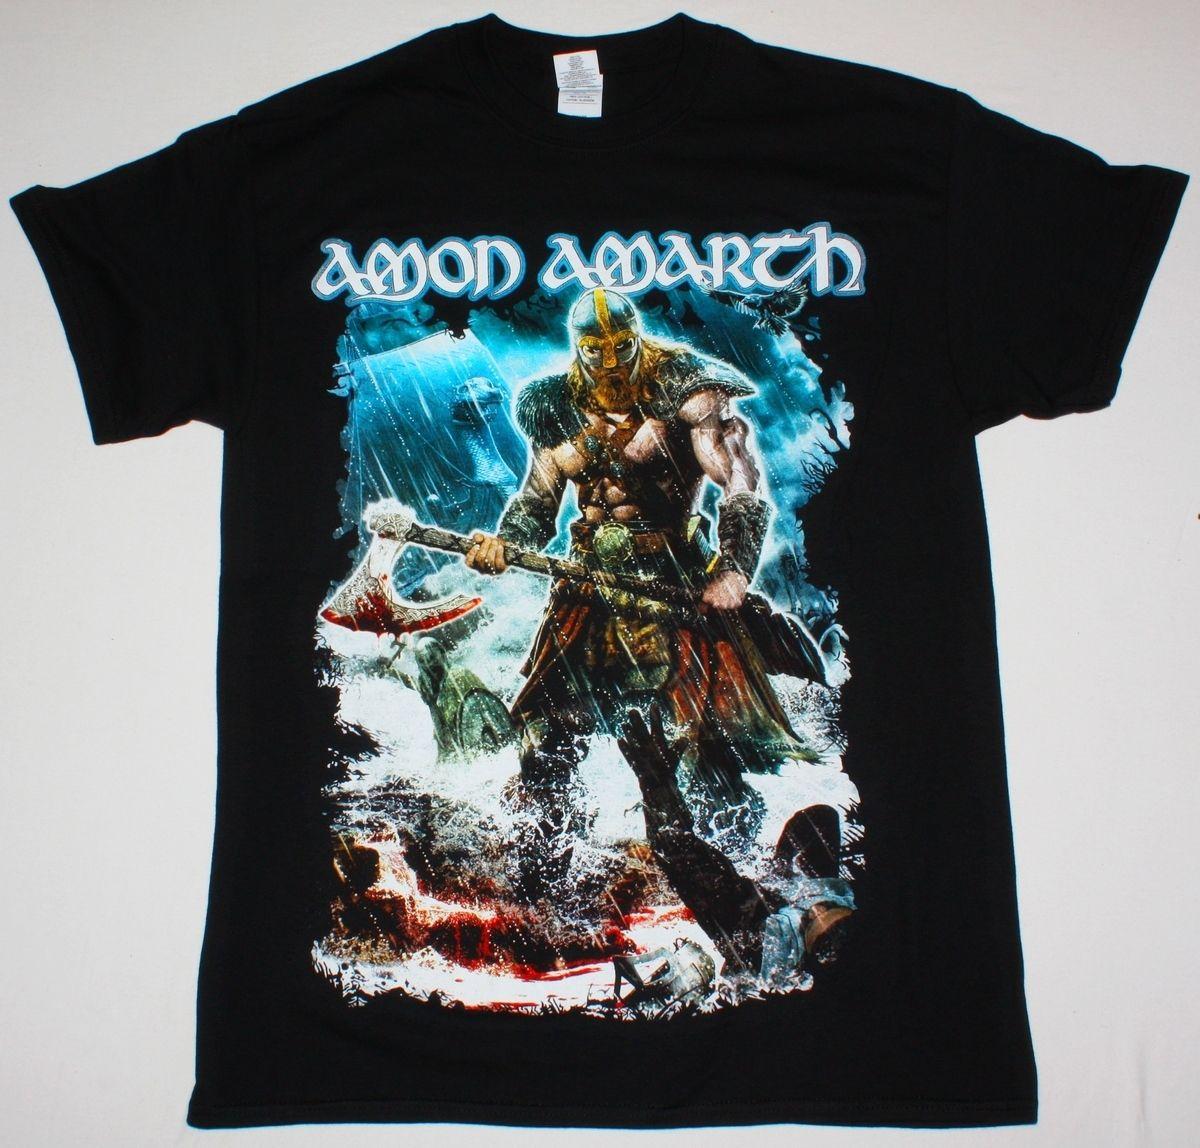 Crianças de bodom amorphis novo preto camiseta verão homem t camisa topos camisetas novo amon amarth jomsviking morte metal